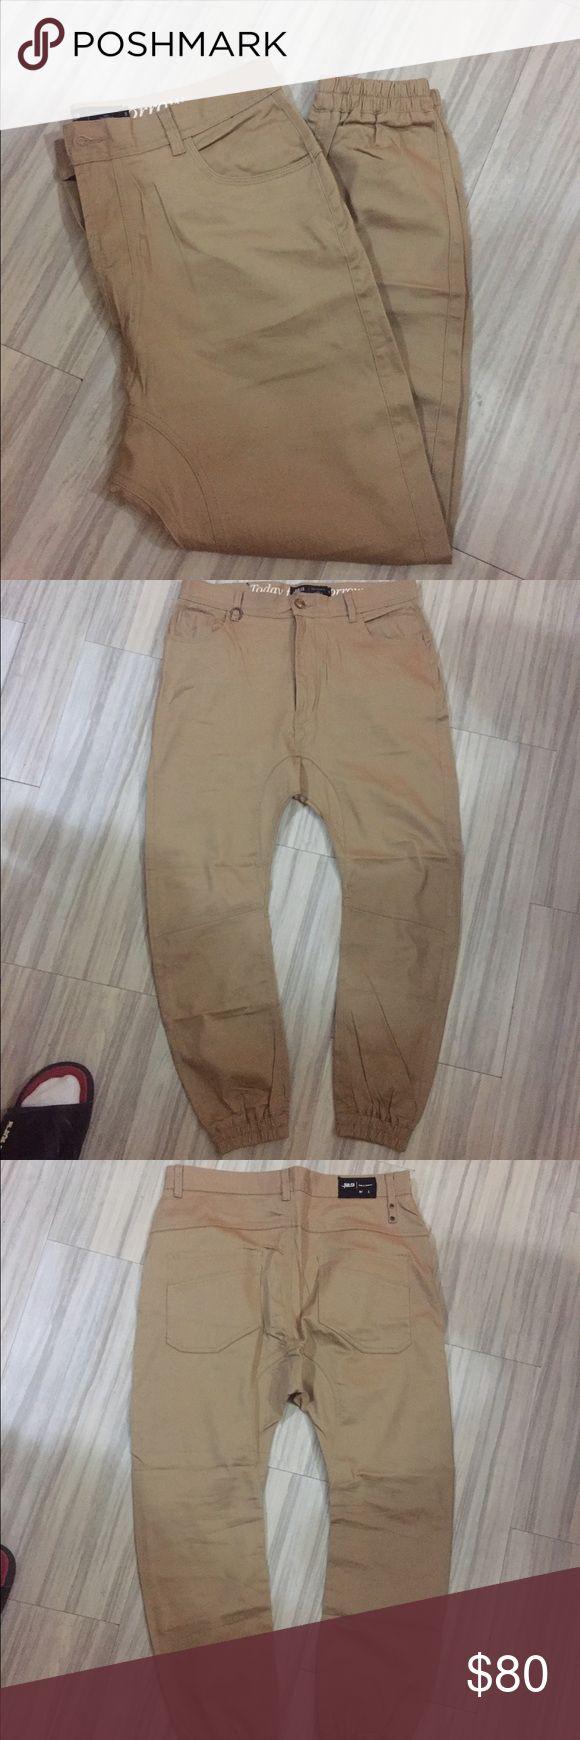 Publish jogger pants NWOT Pants Cargo